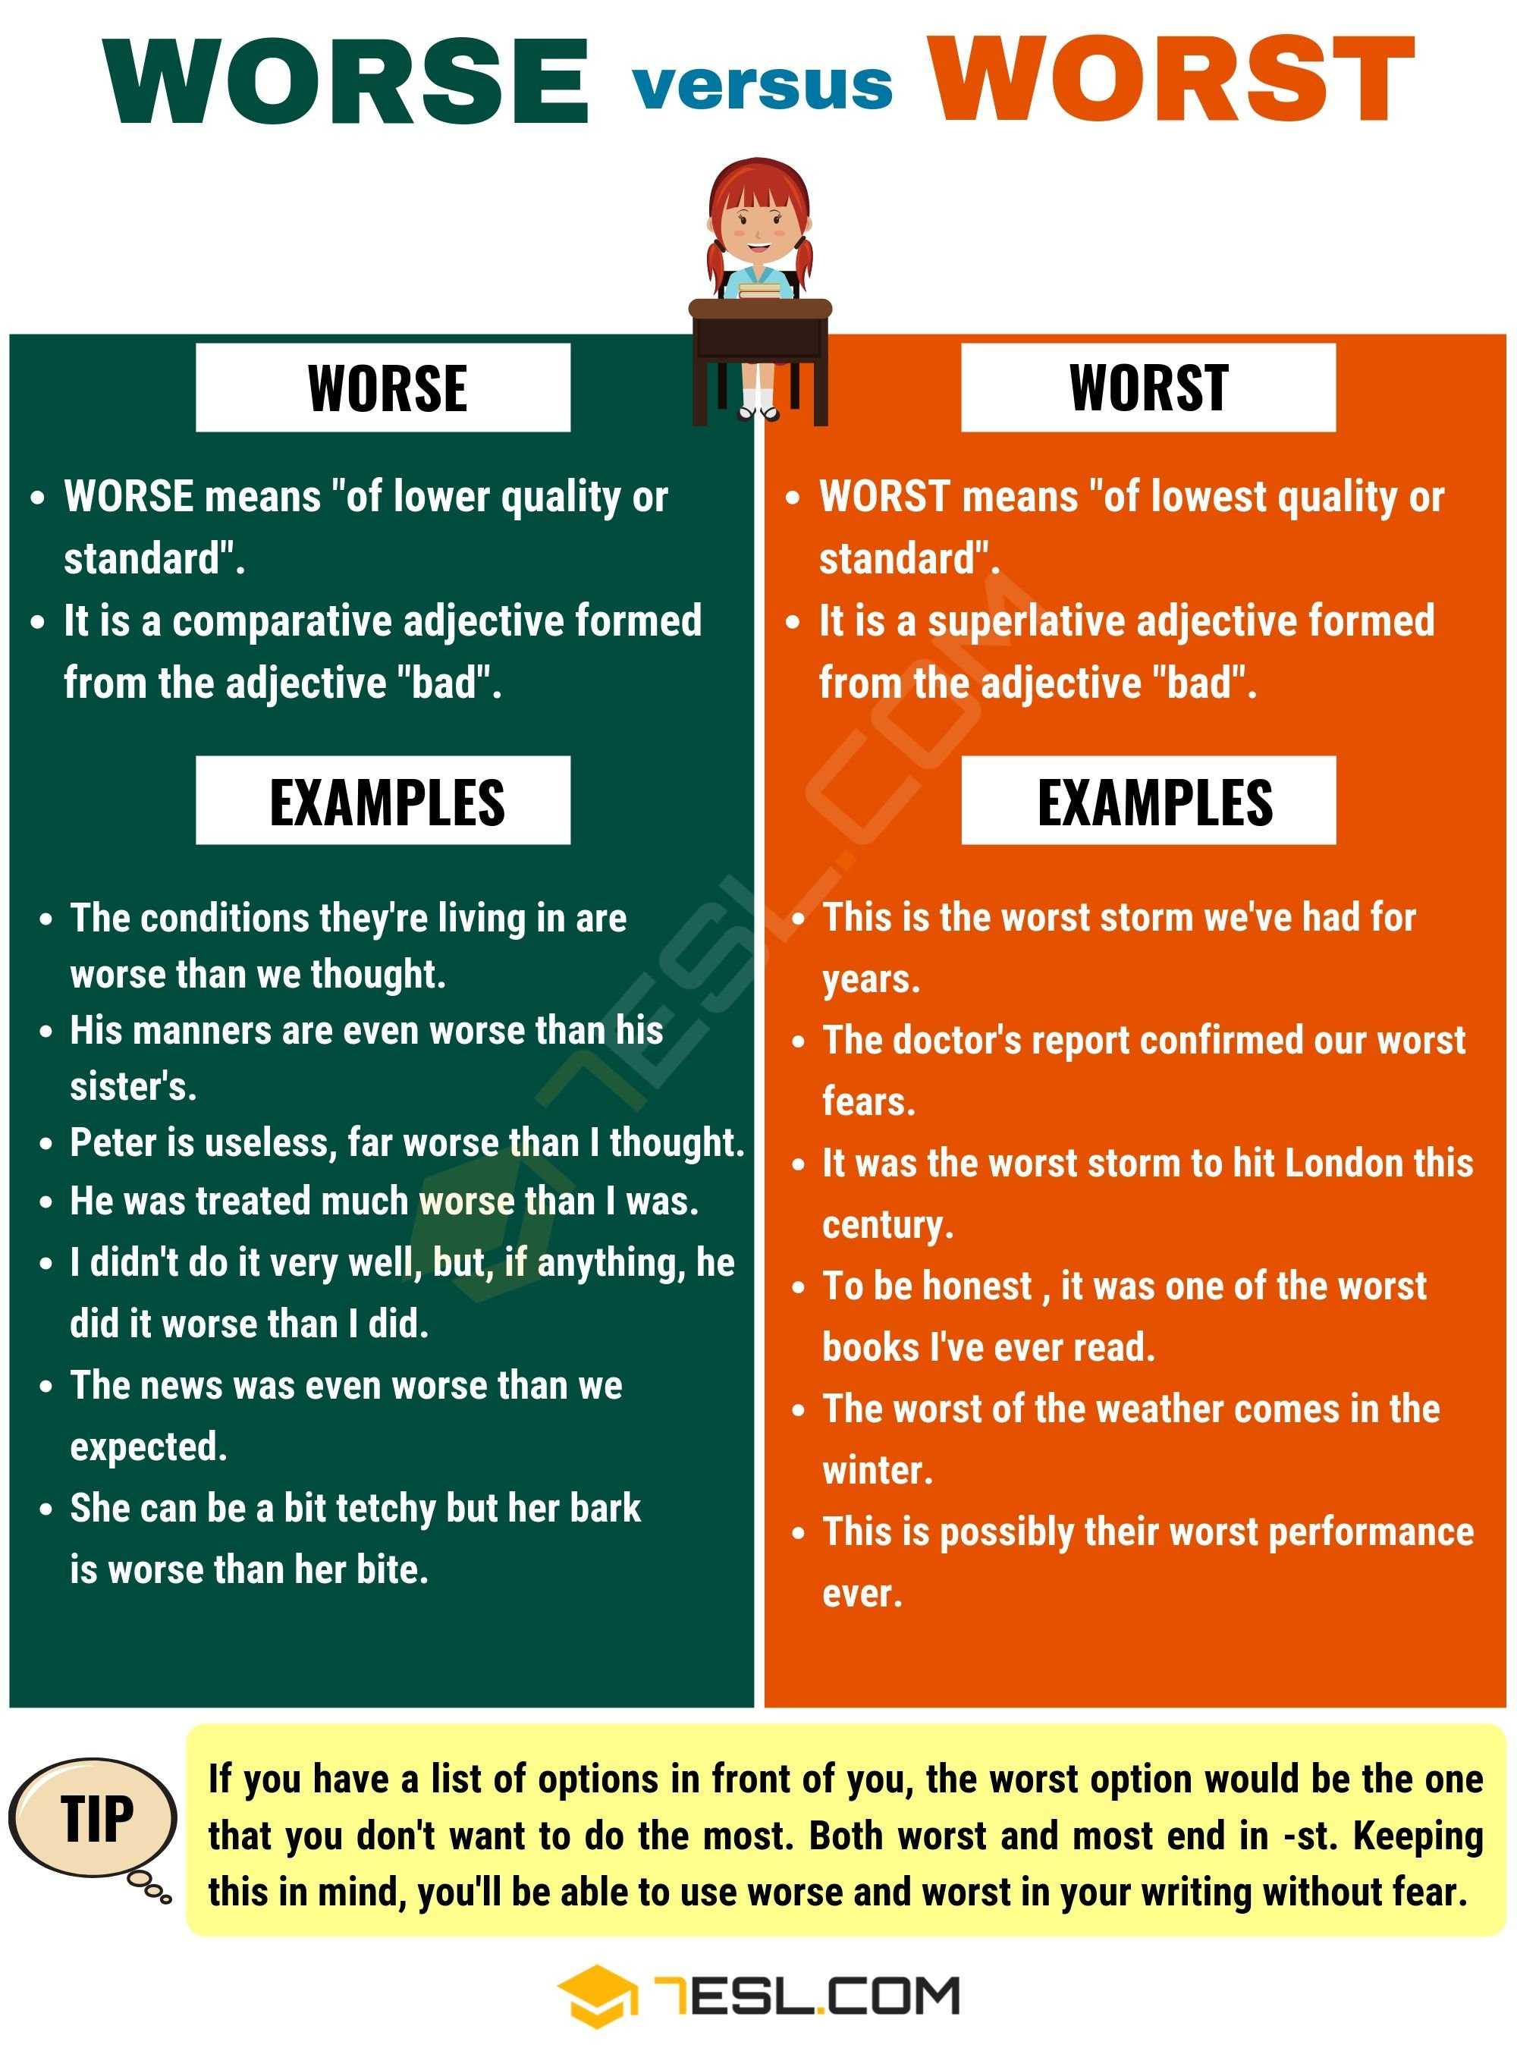 Worse vs Worst